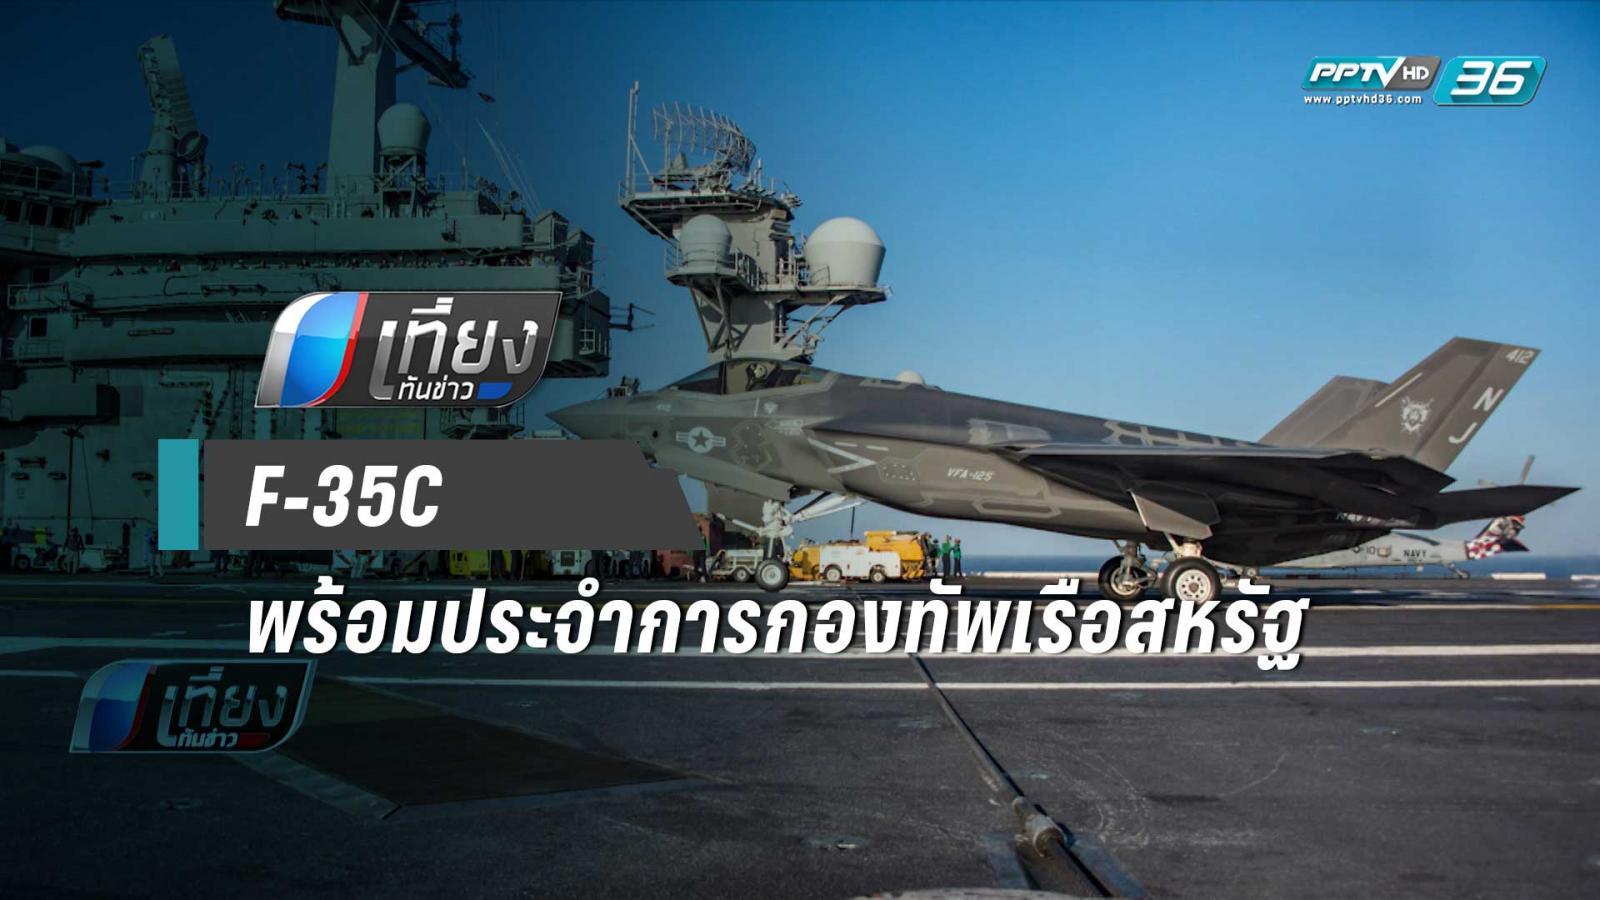 """เครื่องบินรบ """"F-35C"""" พร้อมประจำการกองทัพเรือสหรัฐฯ"""